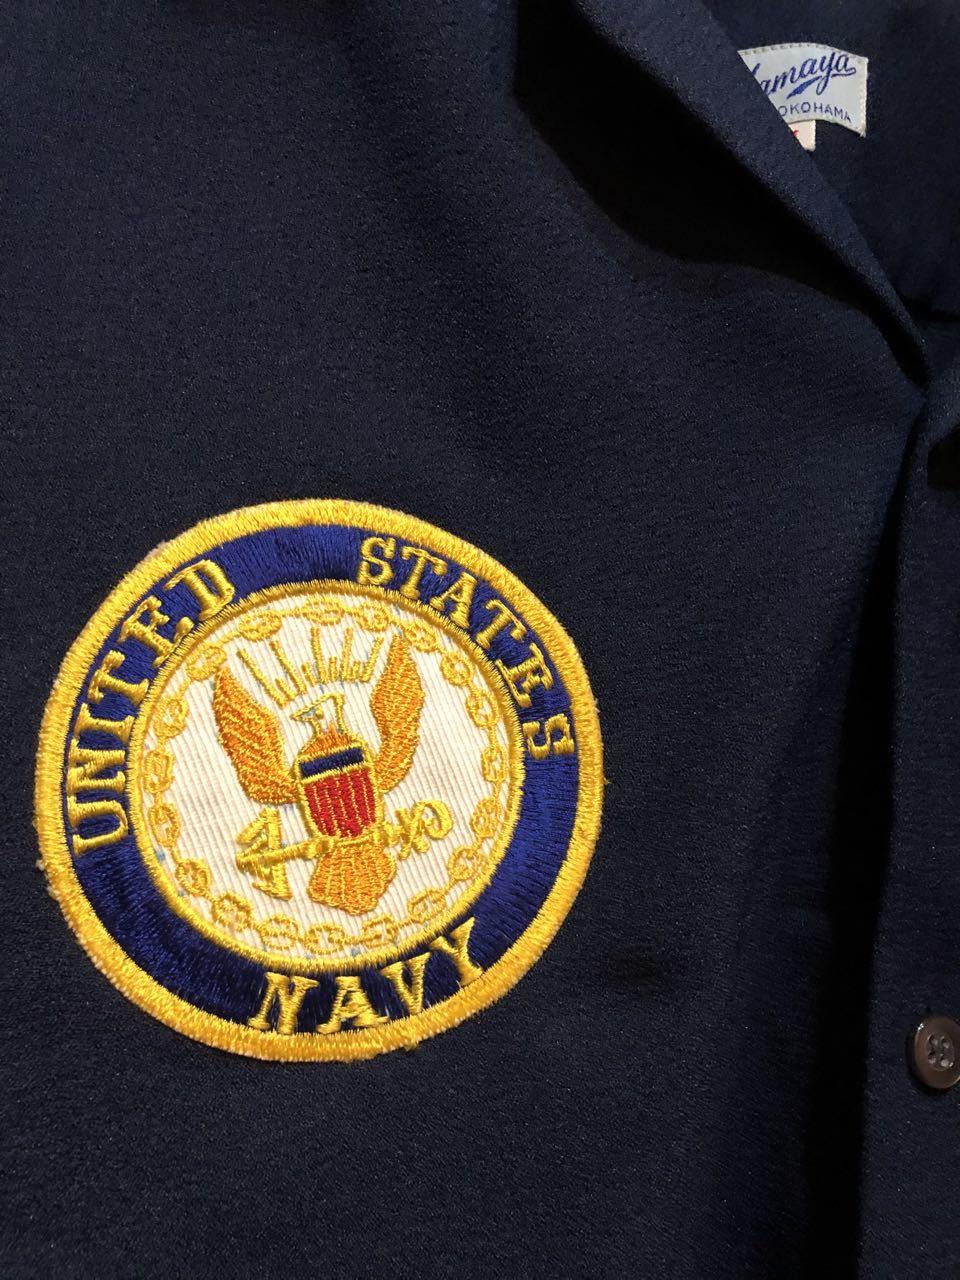 6月26日(土)入荷!60s HAMAYA U.S NAVY  Atsugi Flyers スーベニア ボーリングシャツ!_c0144020_16161370.jpg